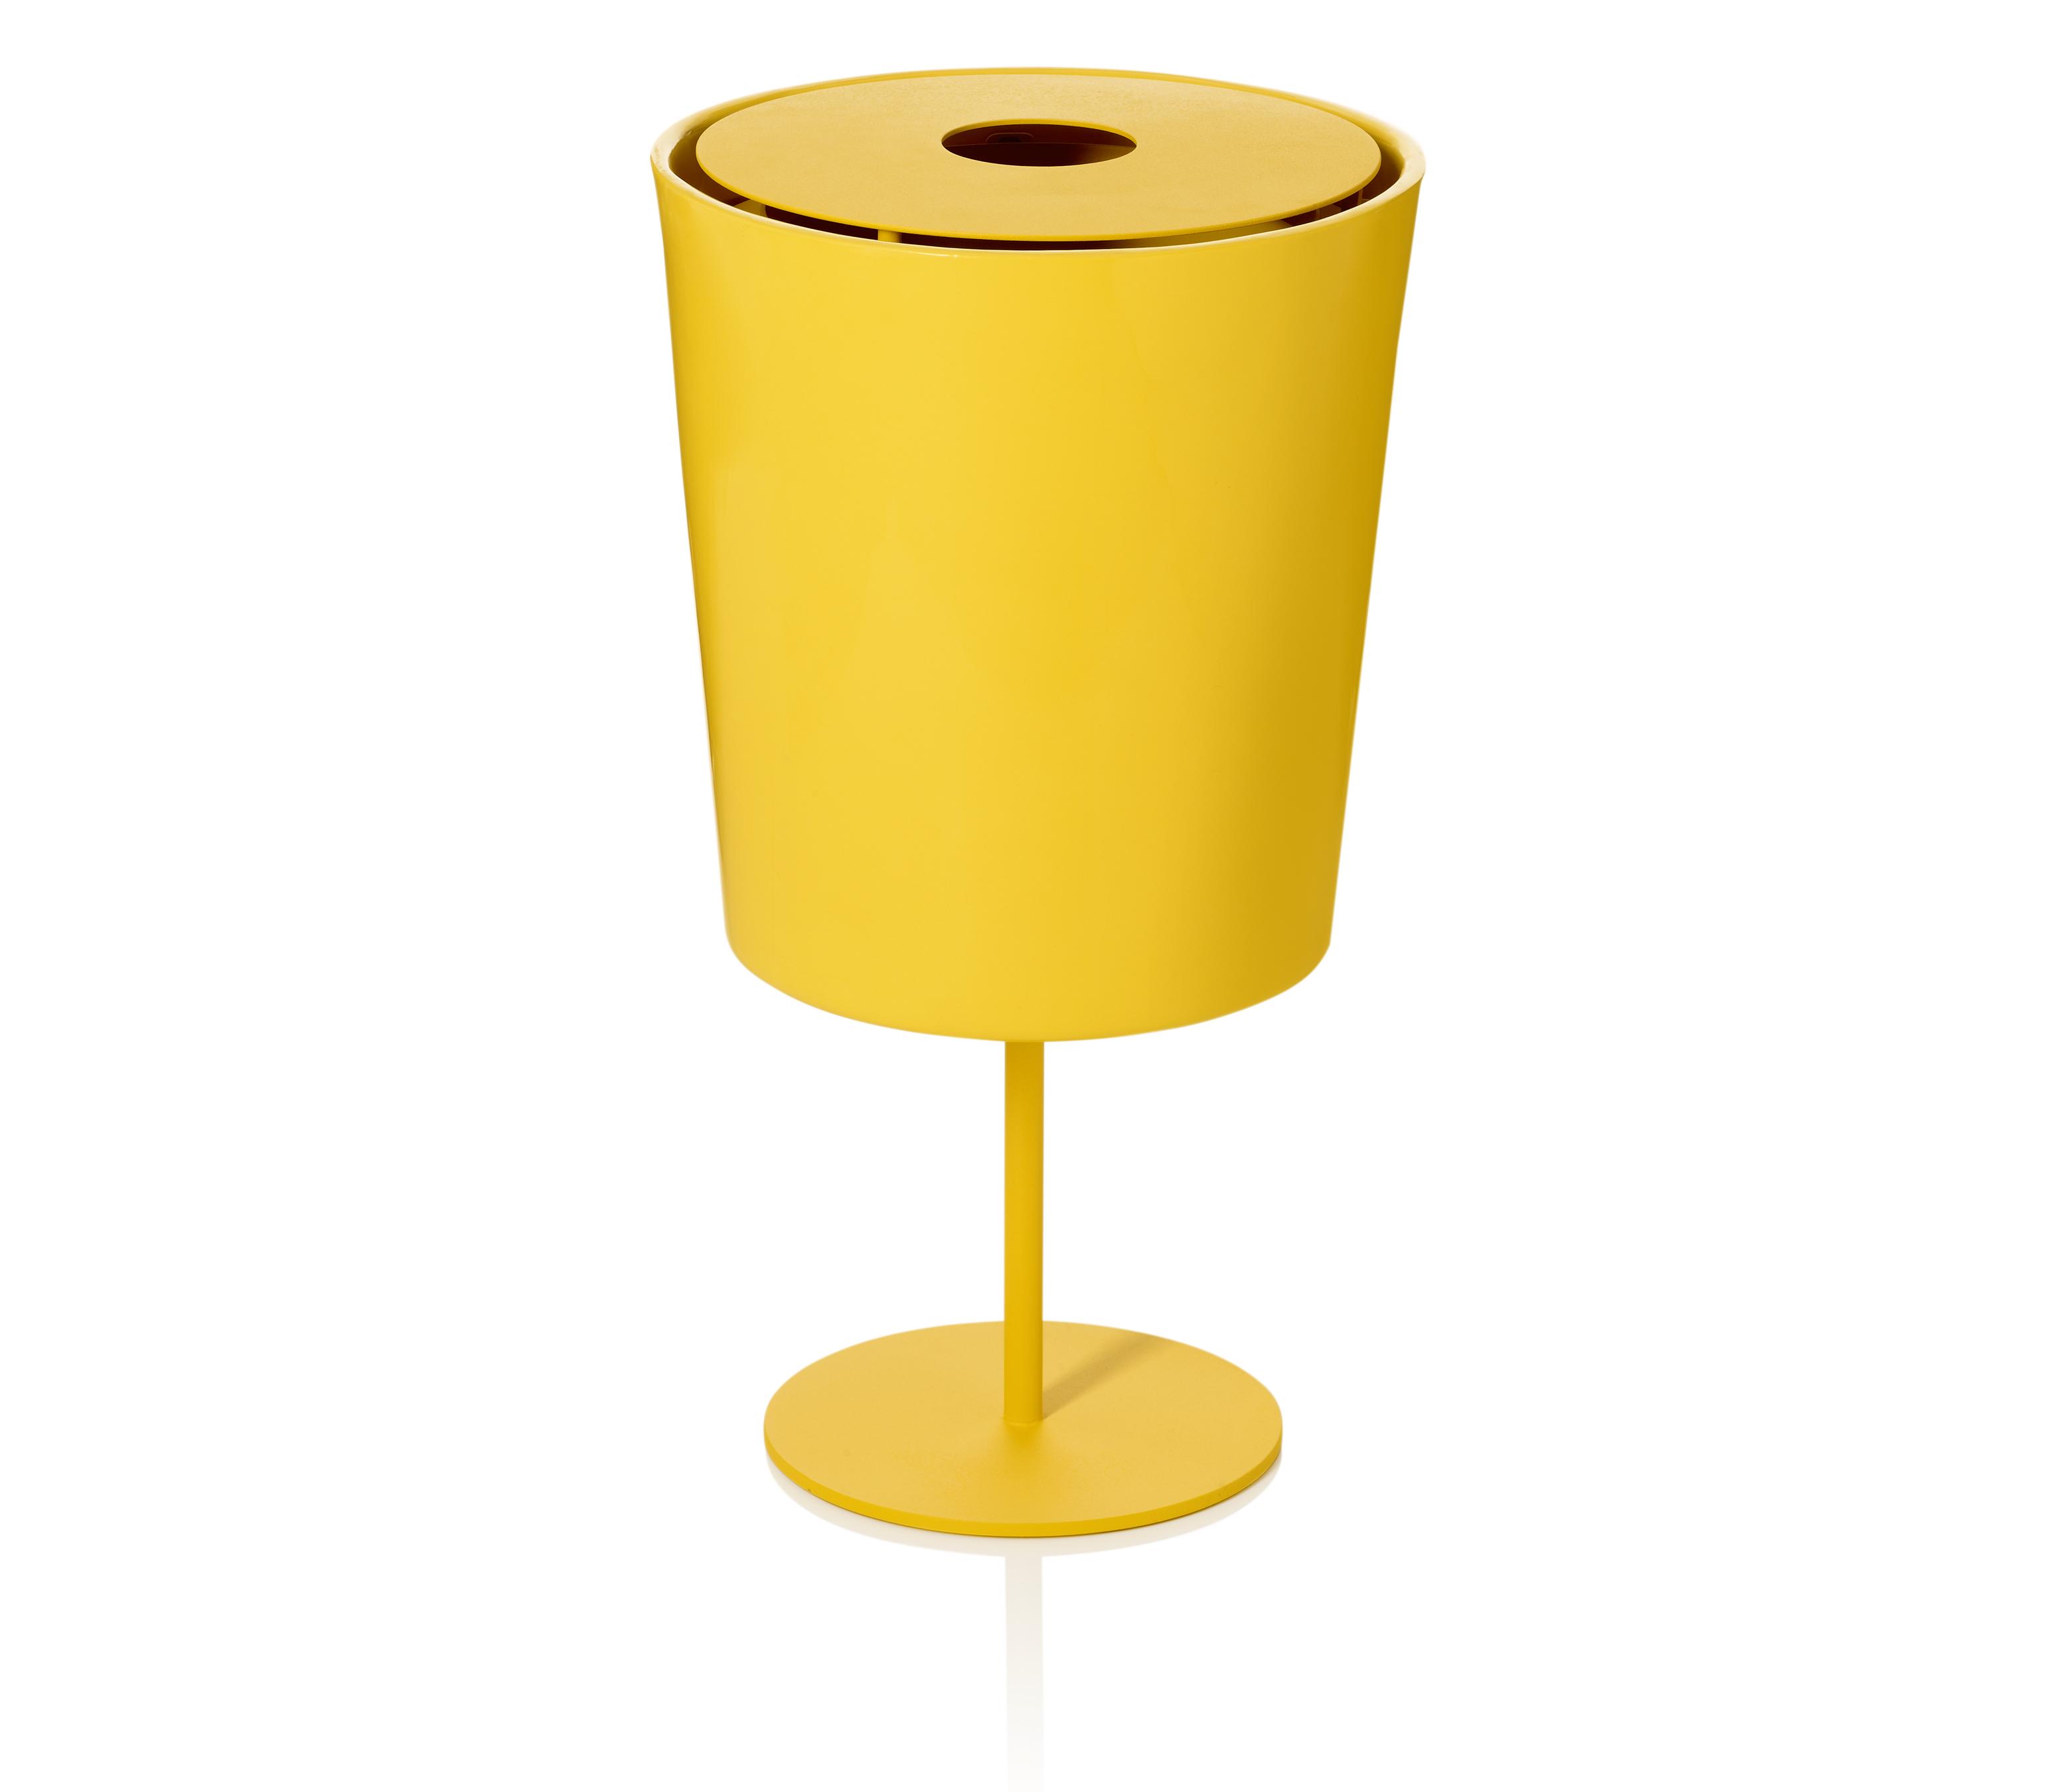 Hinken 40 afvalbak in opvallende kleur geel